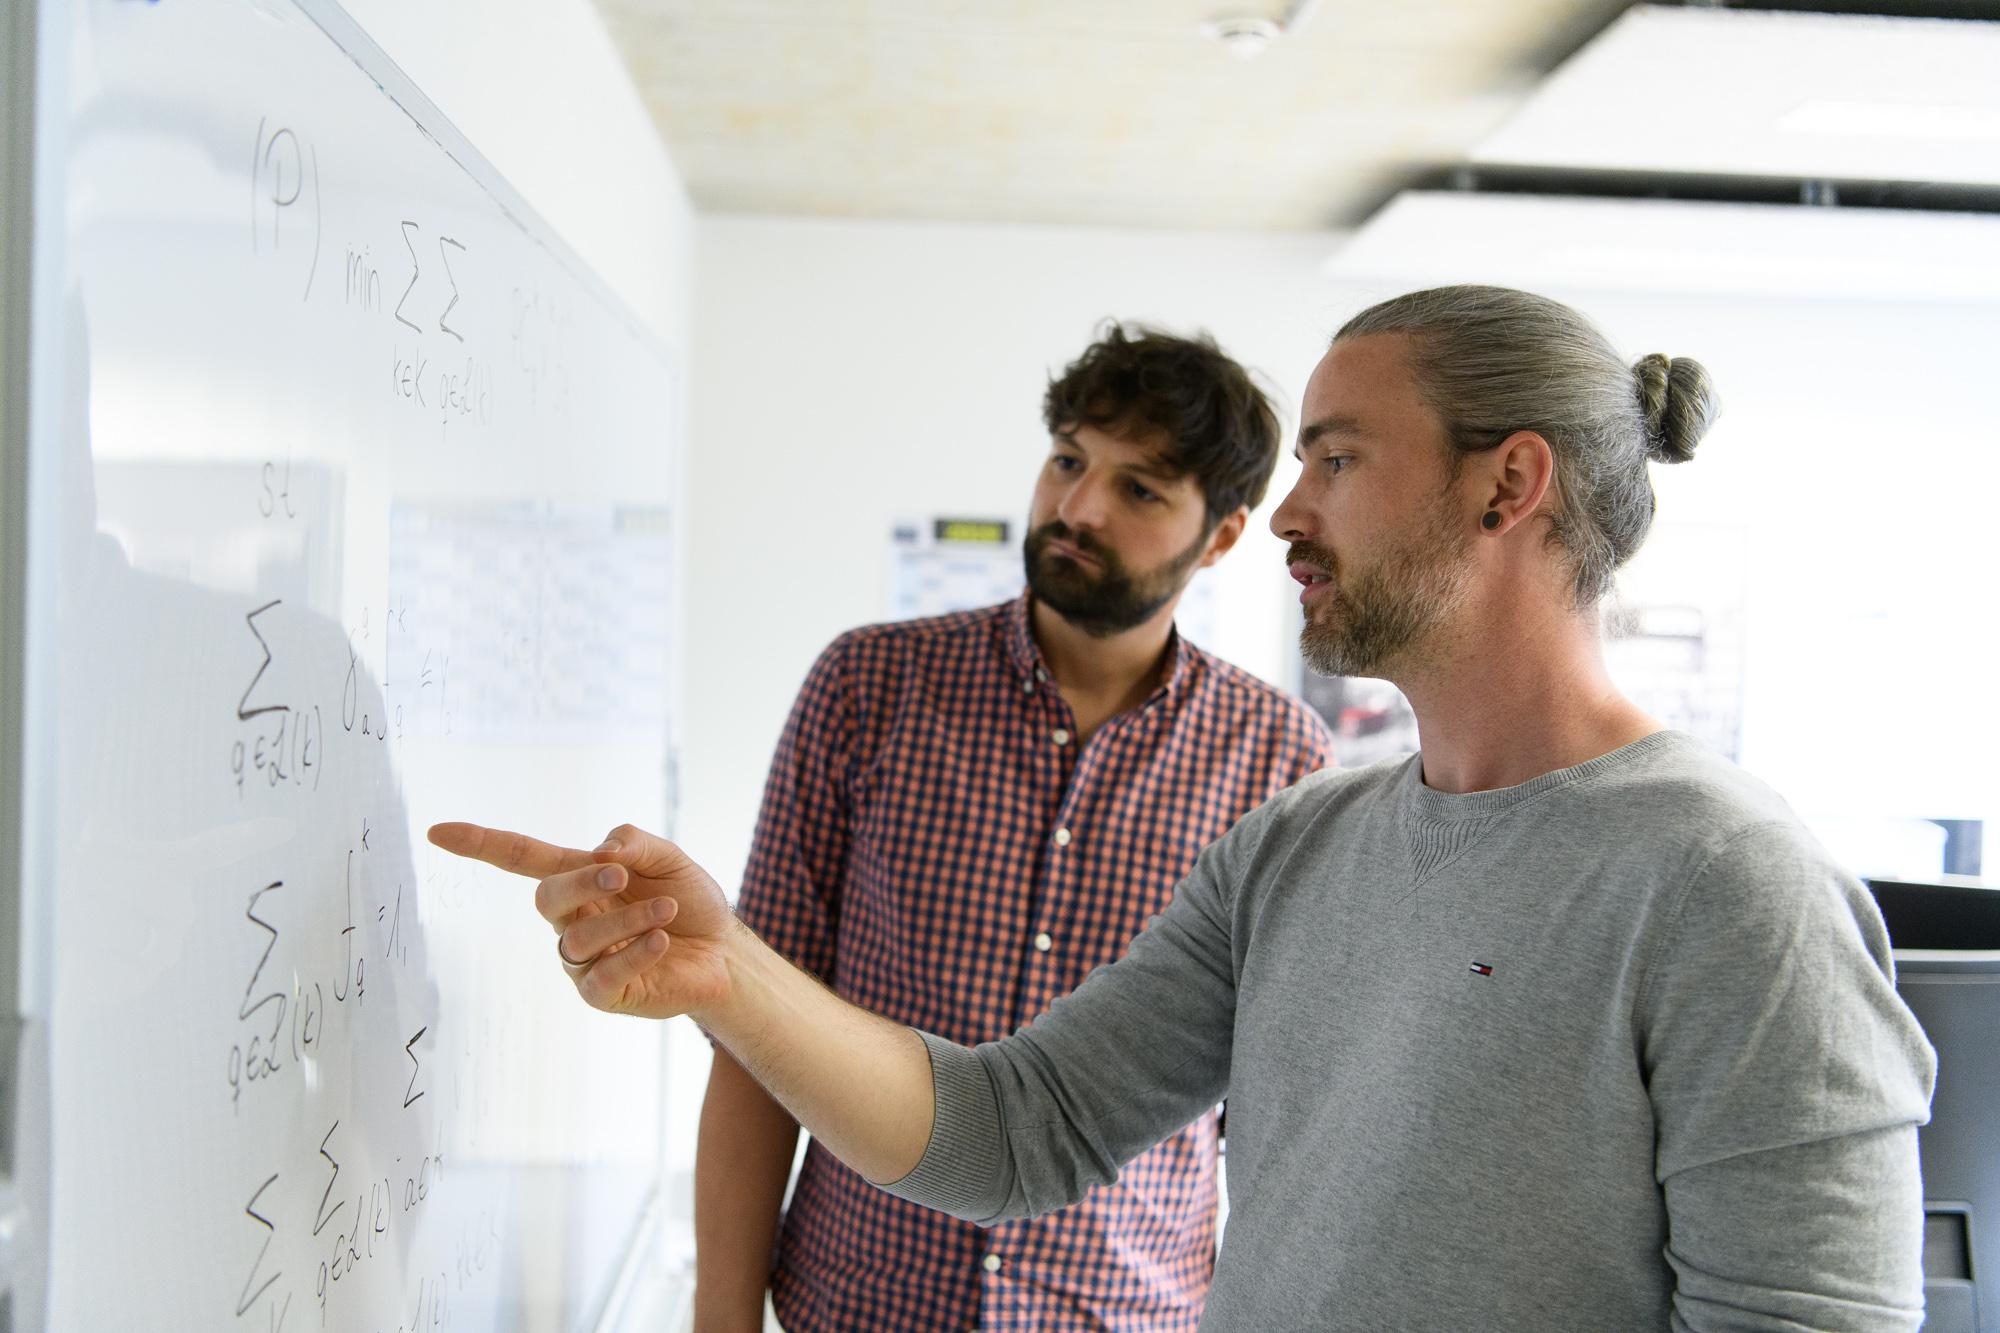 Mathemetische Optimierung - Zwei Data Scientists vor Whiteboard mit mathematischen Formeln